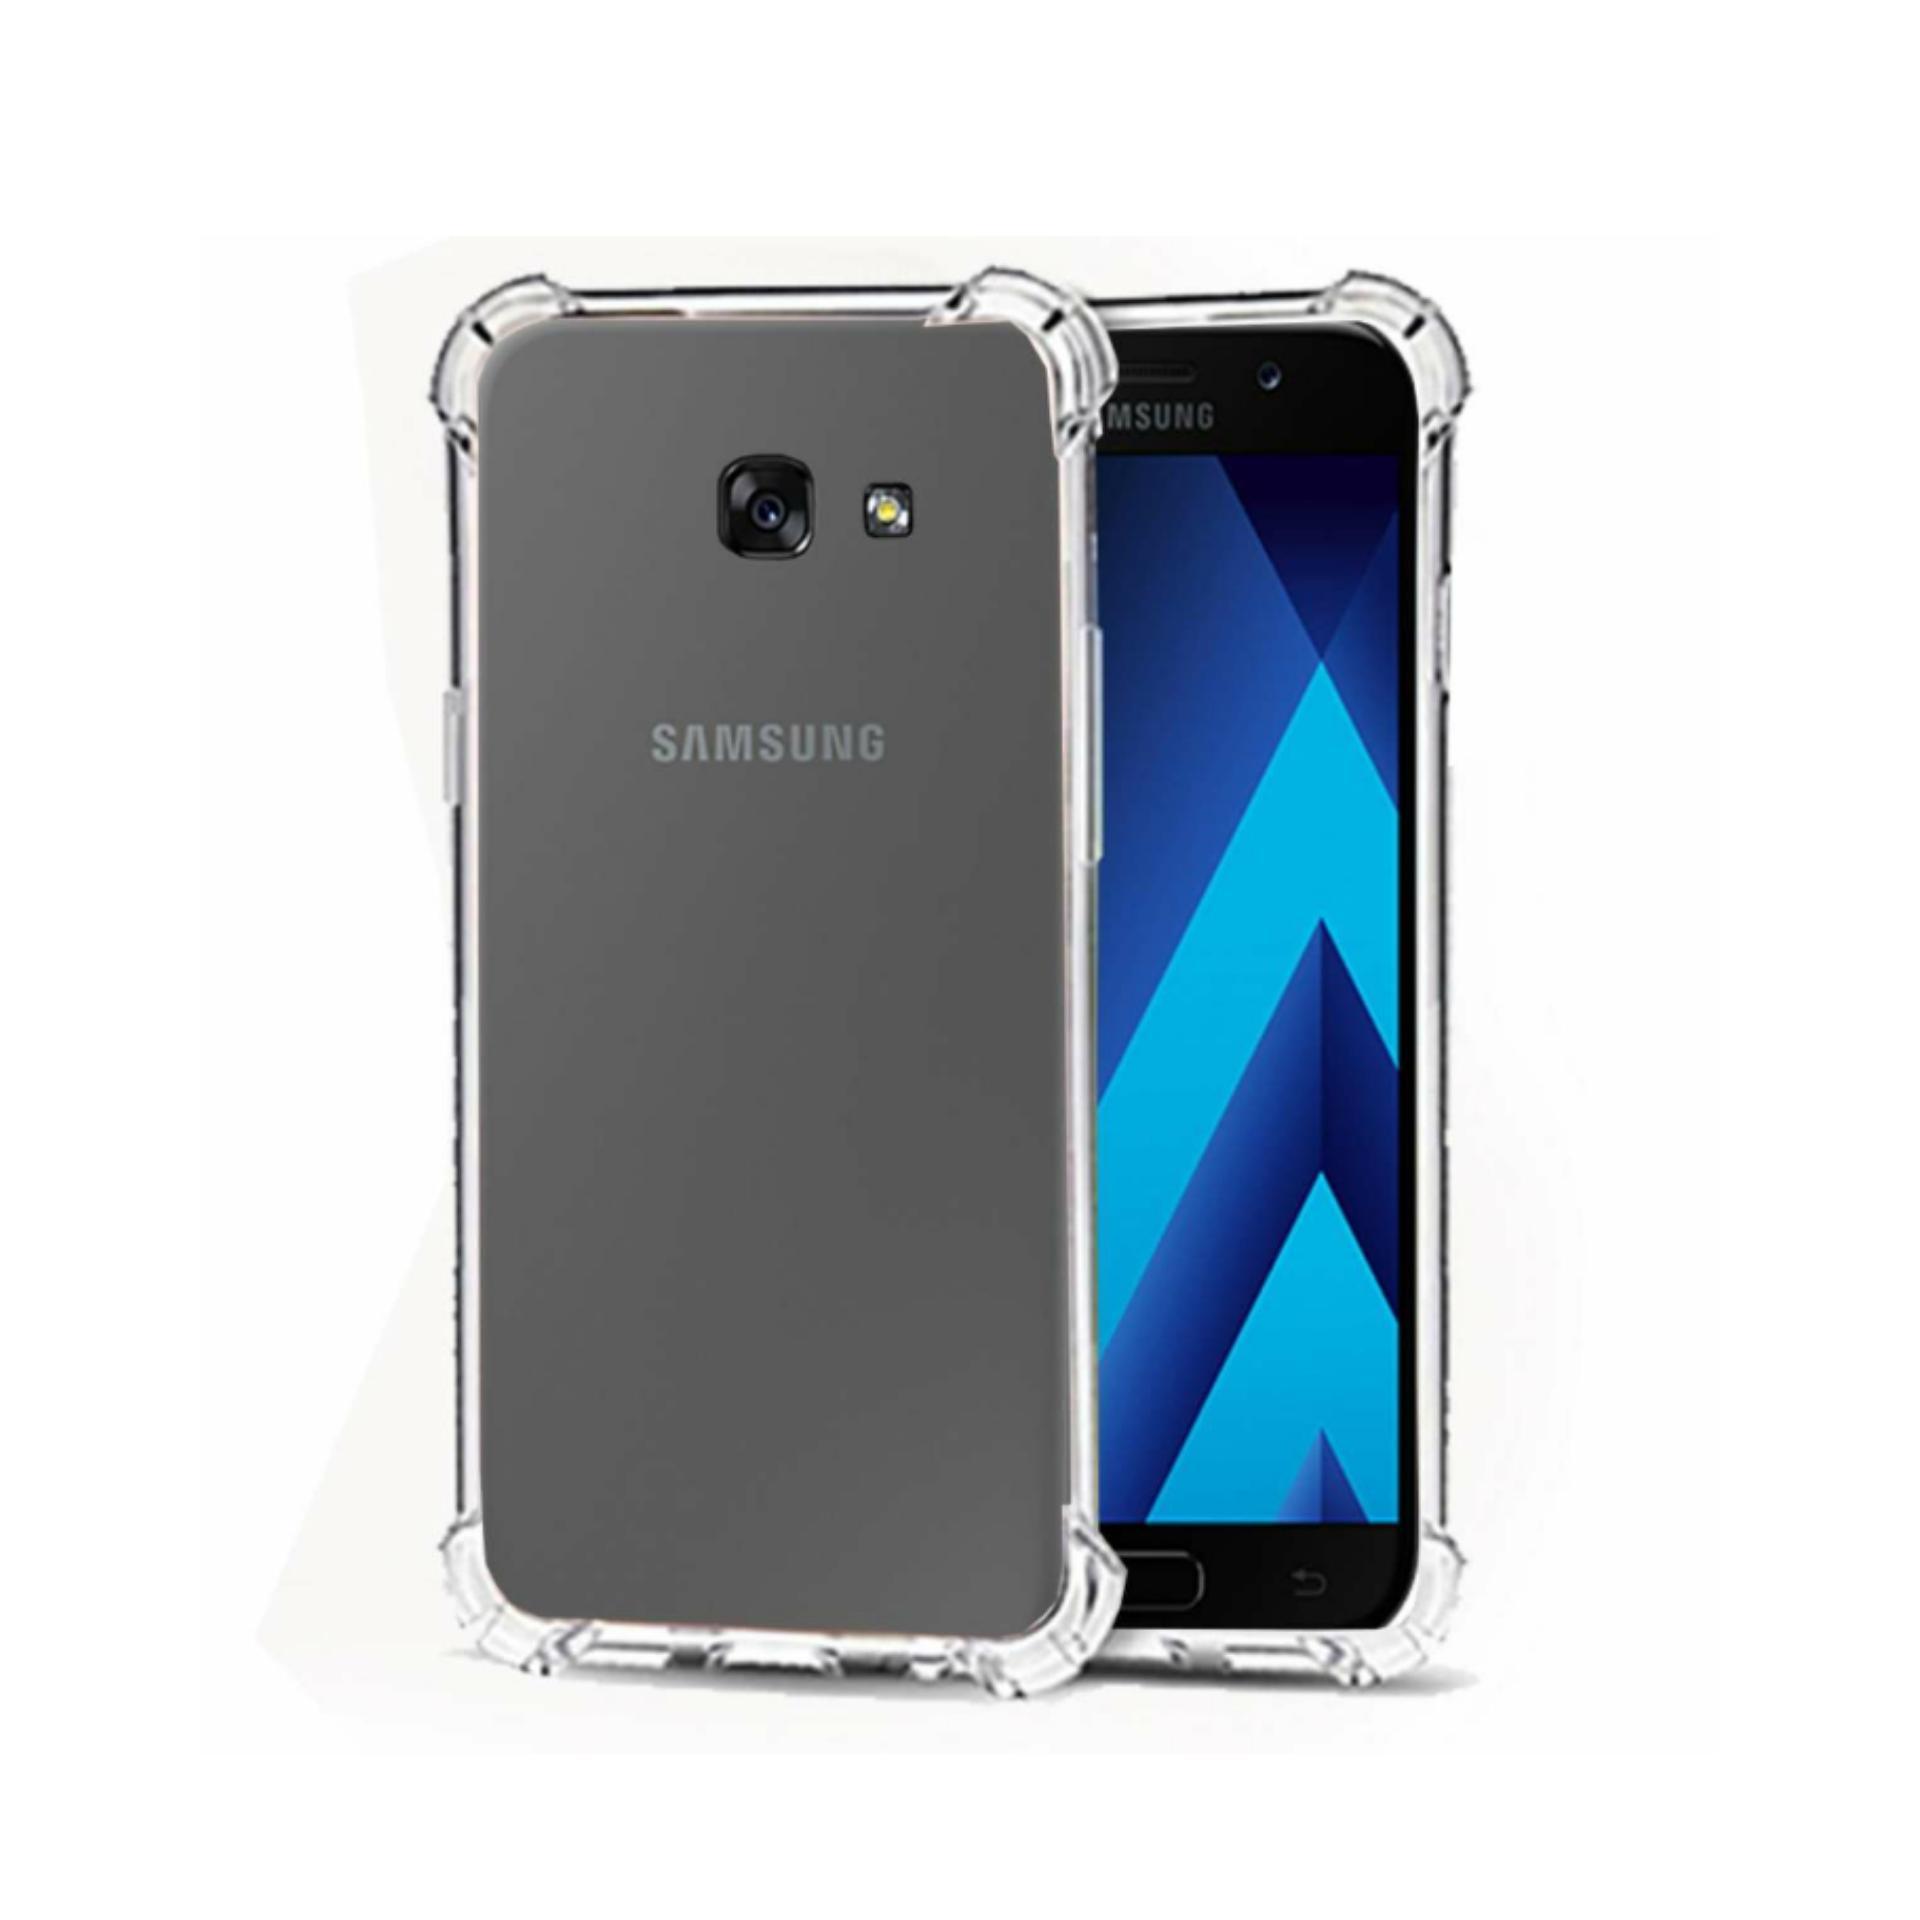 Murah - Softcase Samsung Galaxy A5 2017 A520F TPU Case Anti Crack / Anti Shock Elegant